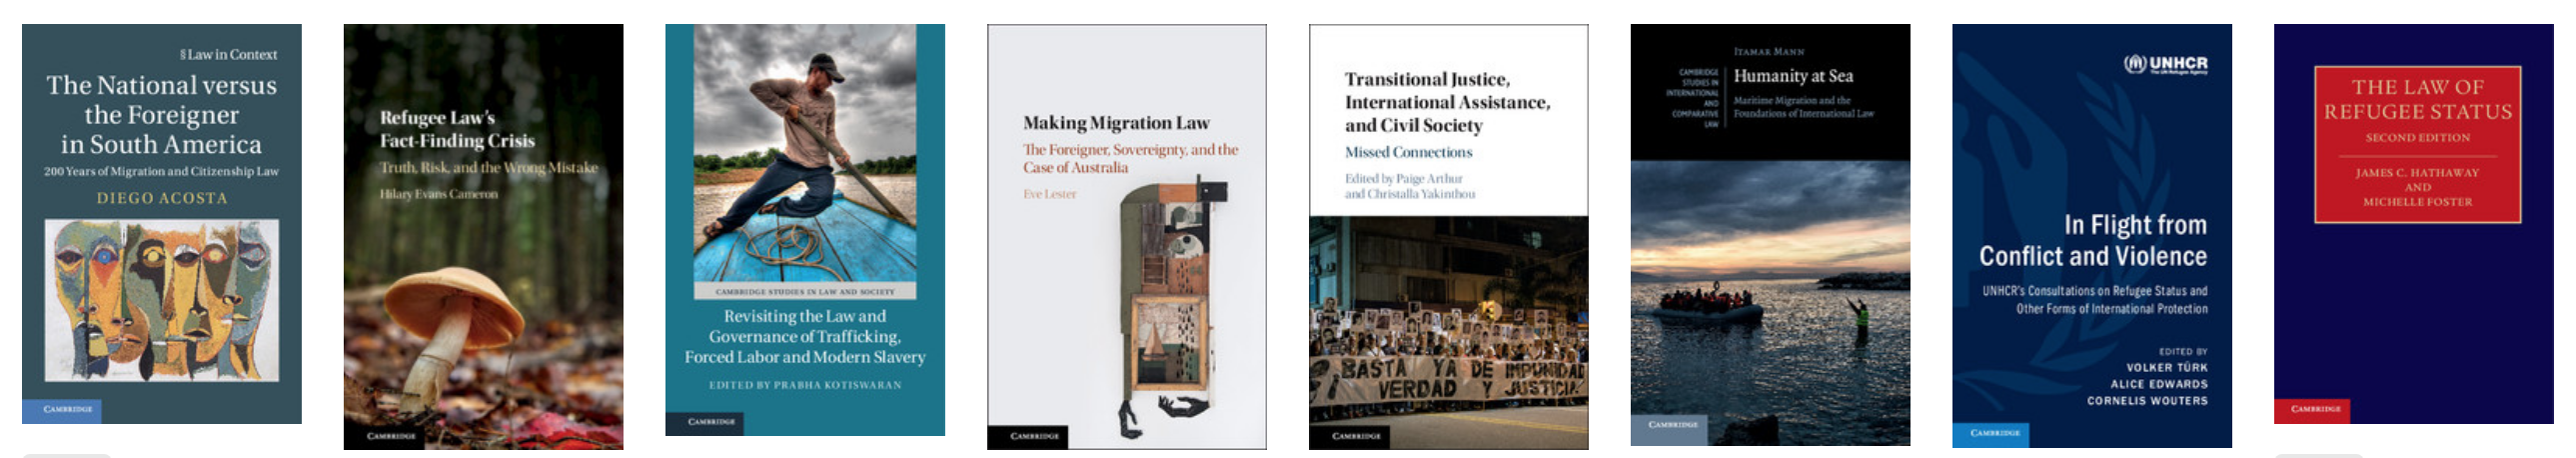 pic-refugiados-libros